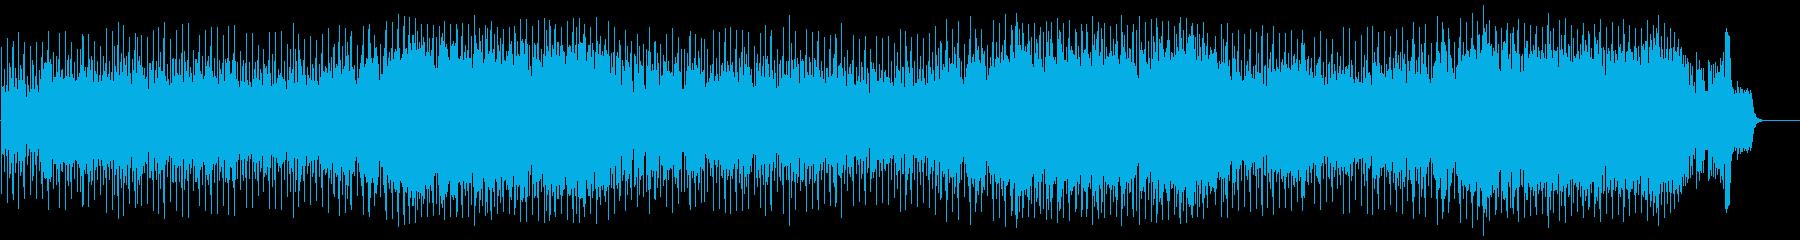 楽しく軽快なポップ(フルサイズ)の再生済みの波形